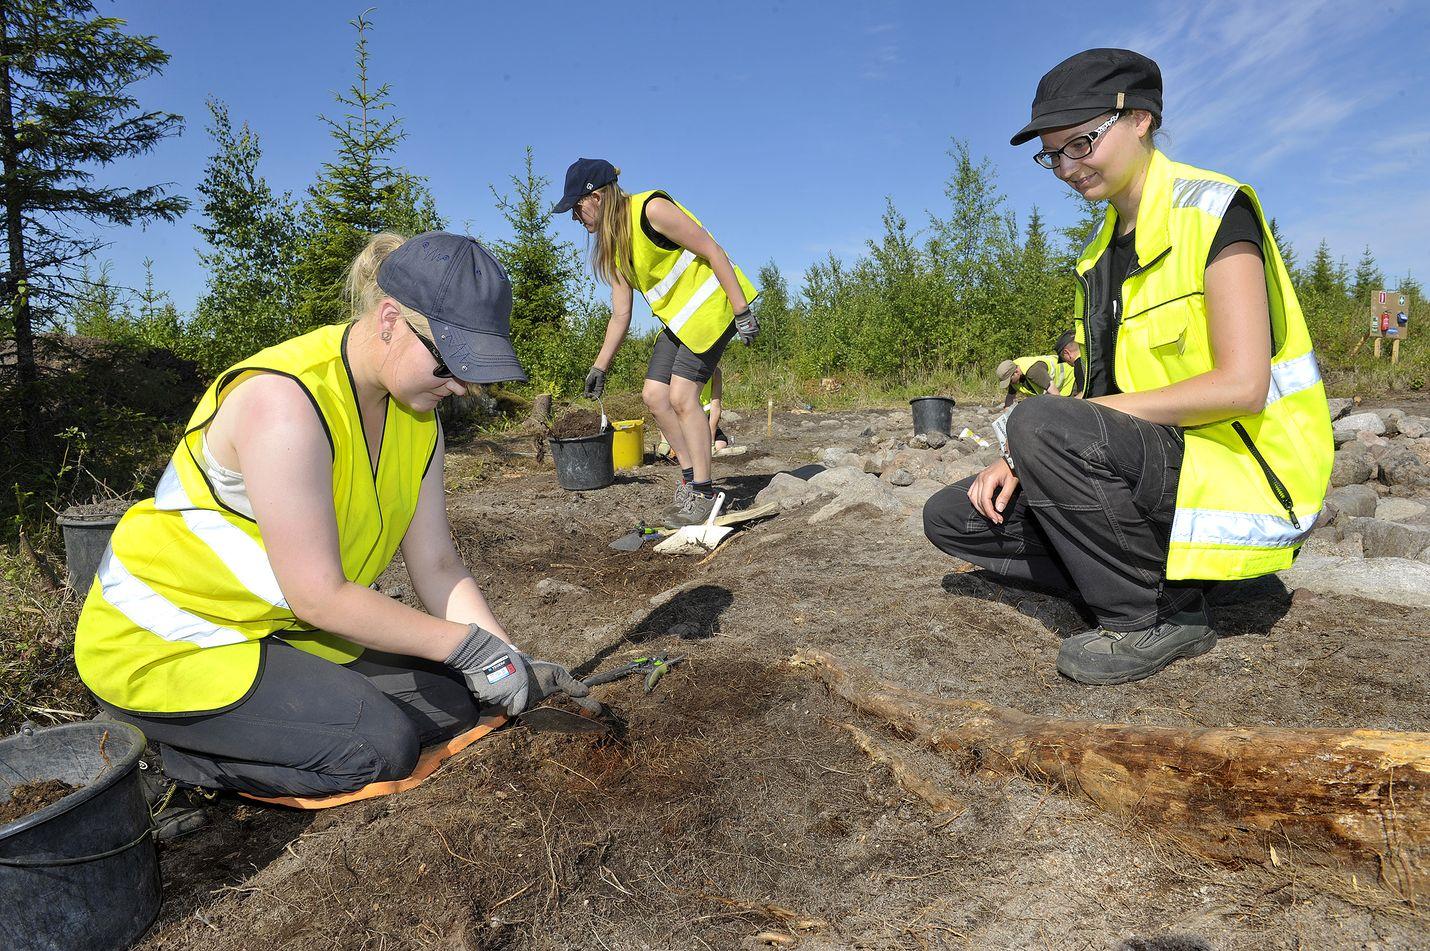 Elliniityllä tehtiin yleisökaivauksia jo viime kesänä. Kuva: LS-arkisto/Juha Sinisalo